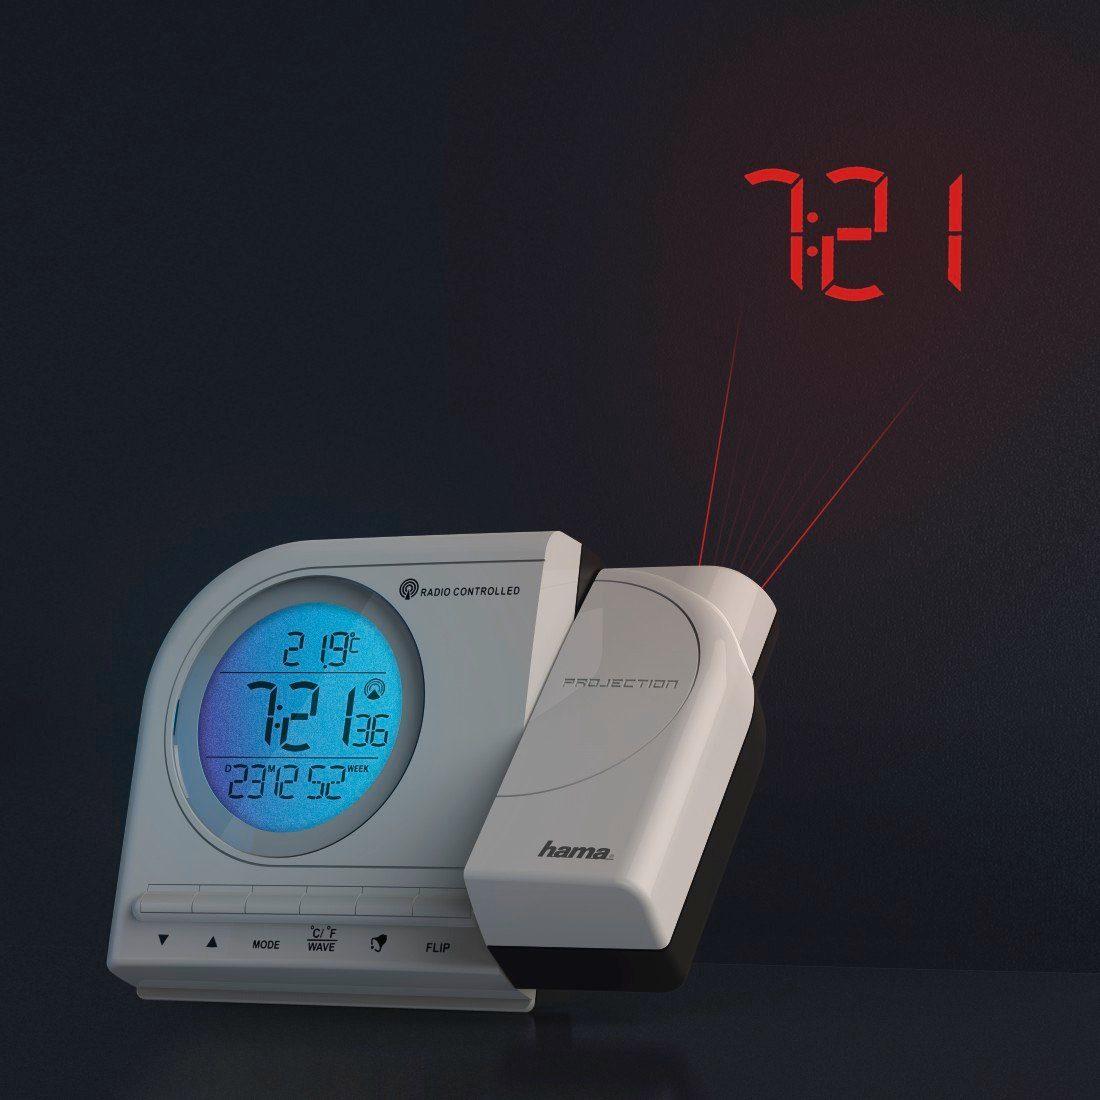 Hama Projektionswecker Funkwecker, Uhrzeit, Temperatur, Kalender »2 Weckzeiten, Snooze, digital«